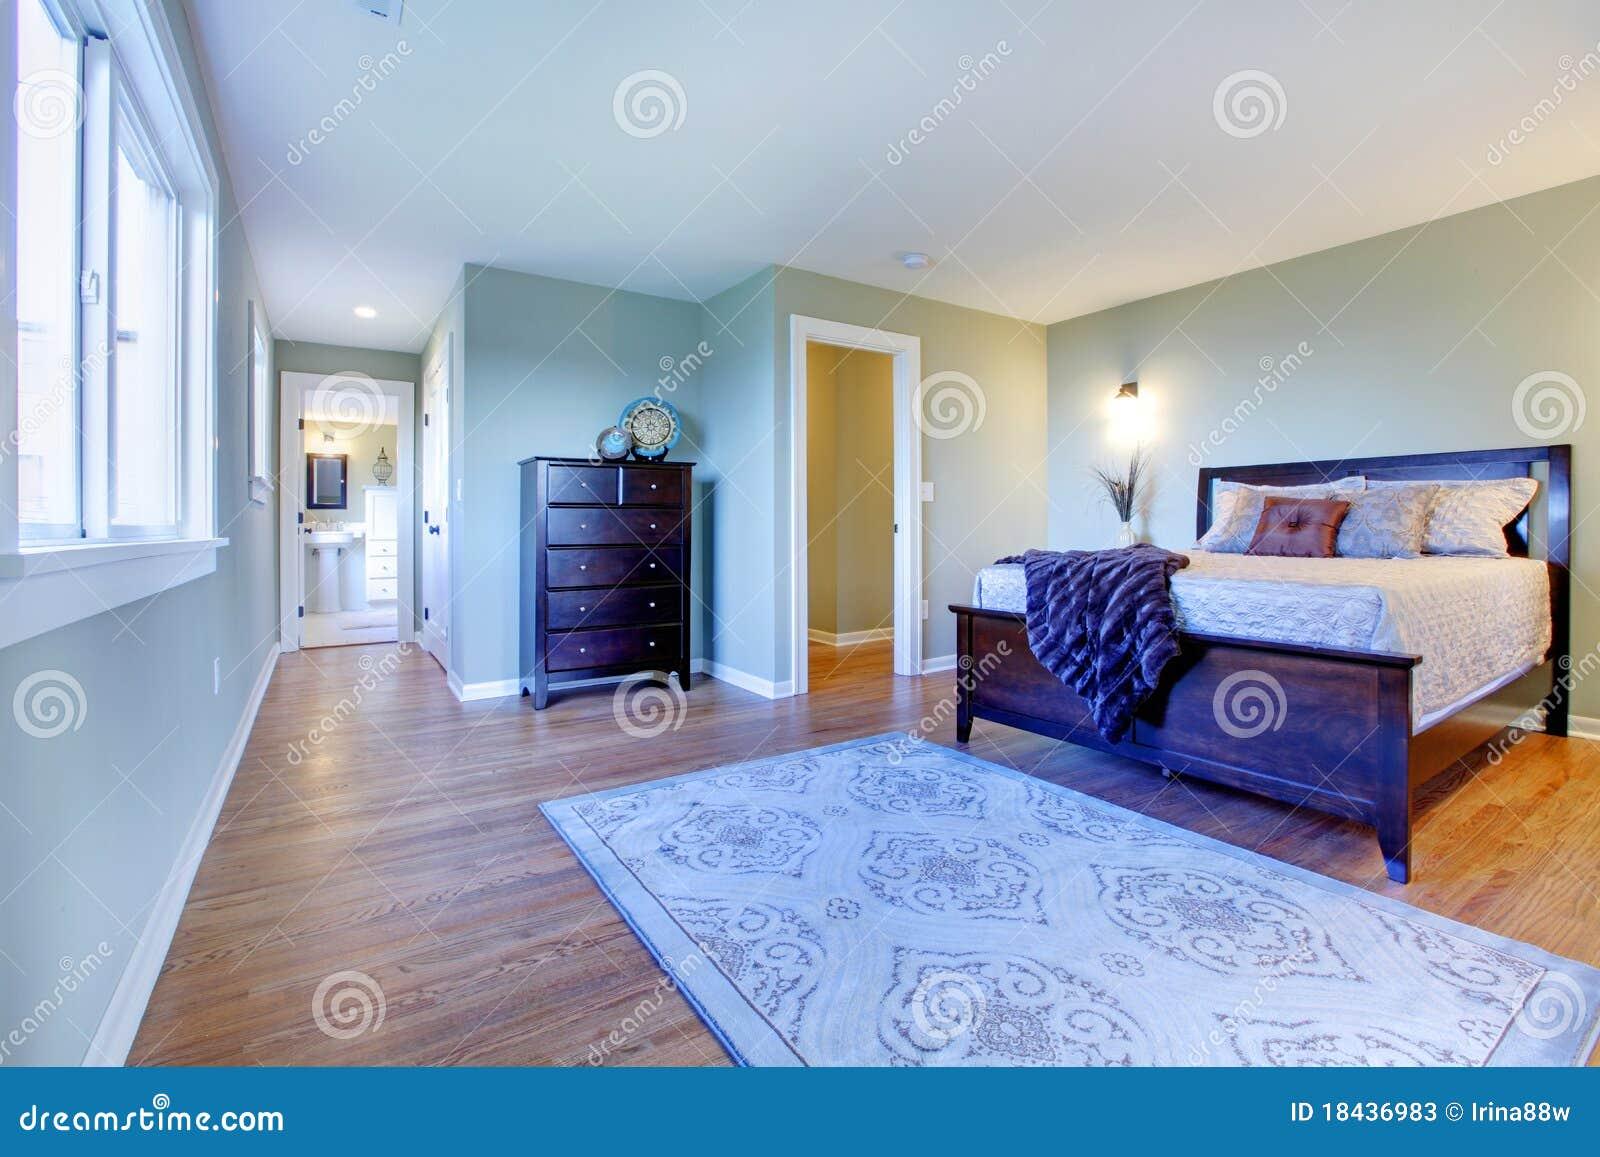 Slaapkamer Groen Bruin : Verse groene slaapkamer met modern bruin bed stock afbeelding